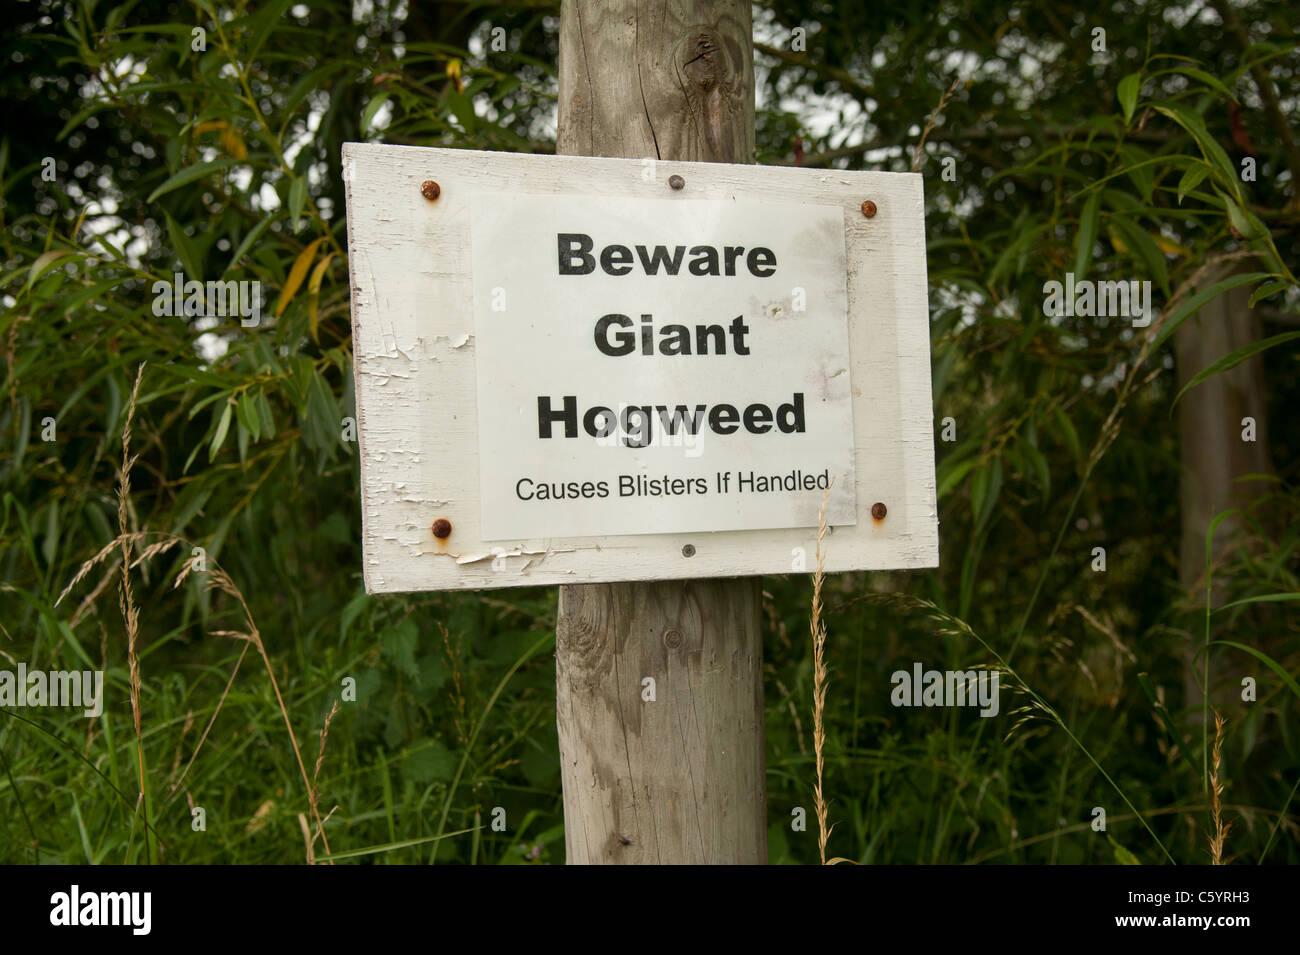 'Beware Giant Hogweed' warning sign, wales uk - Stock Image